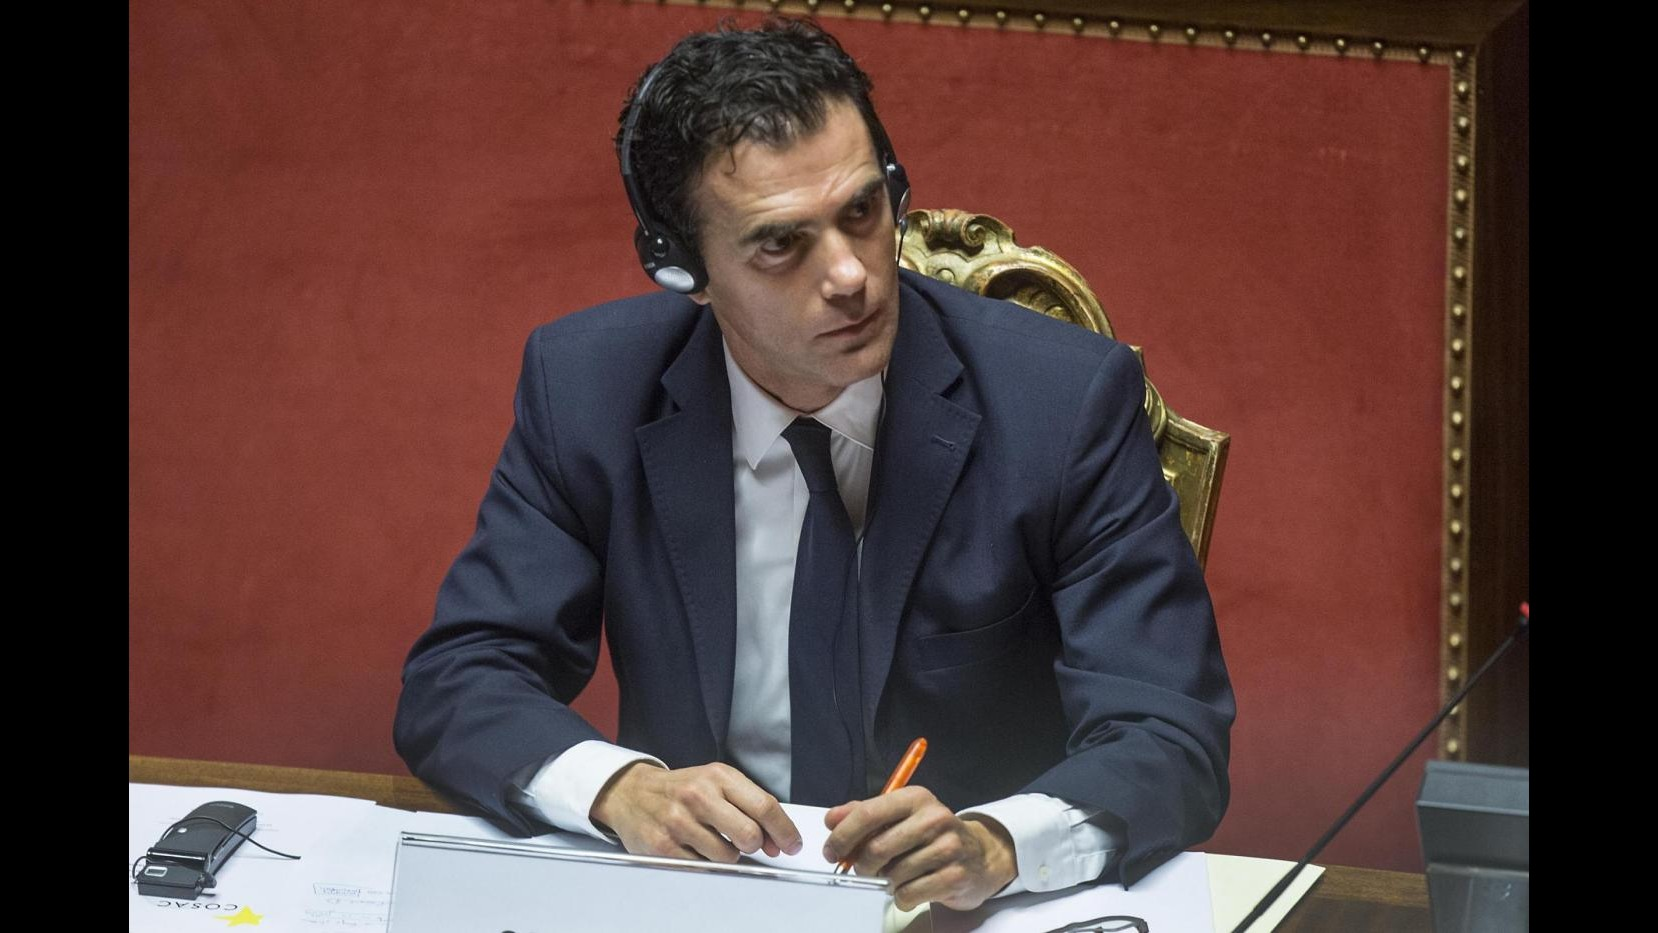 Armeni, sottosegretario Gozi: Inopportuno che governo prenda posizione